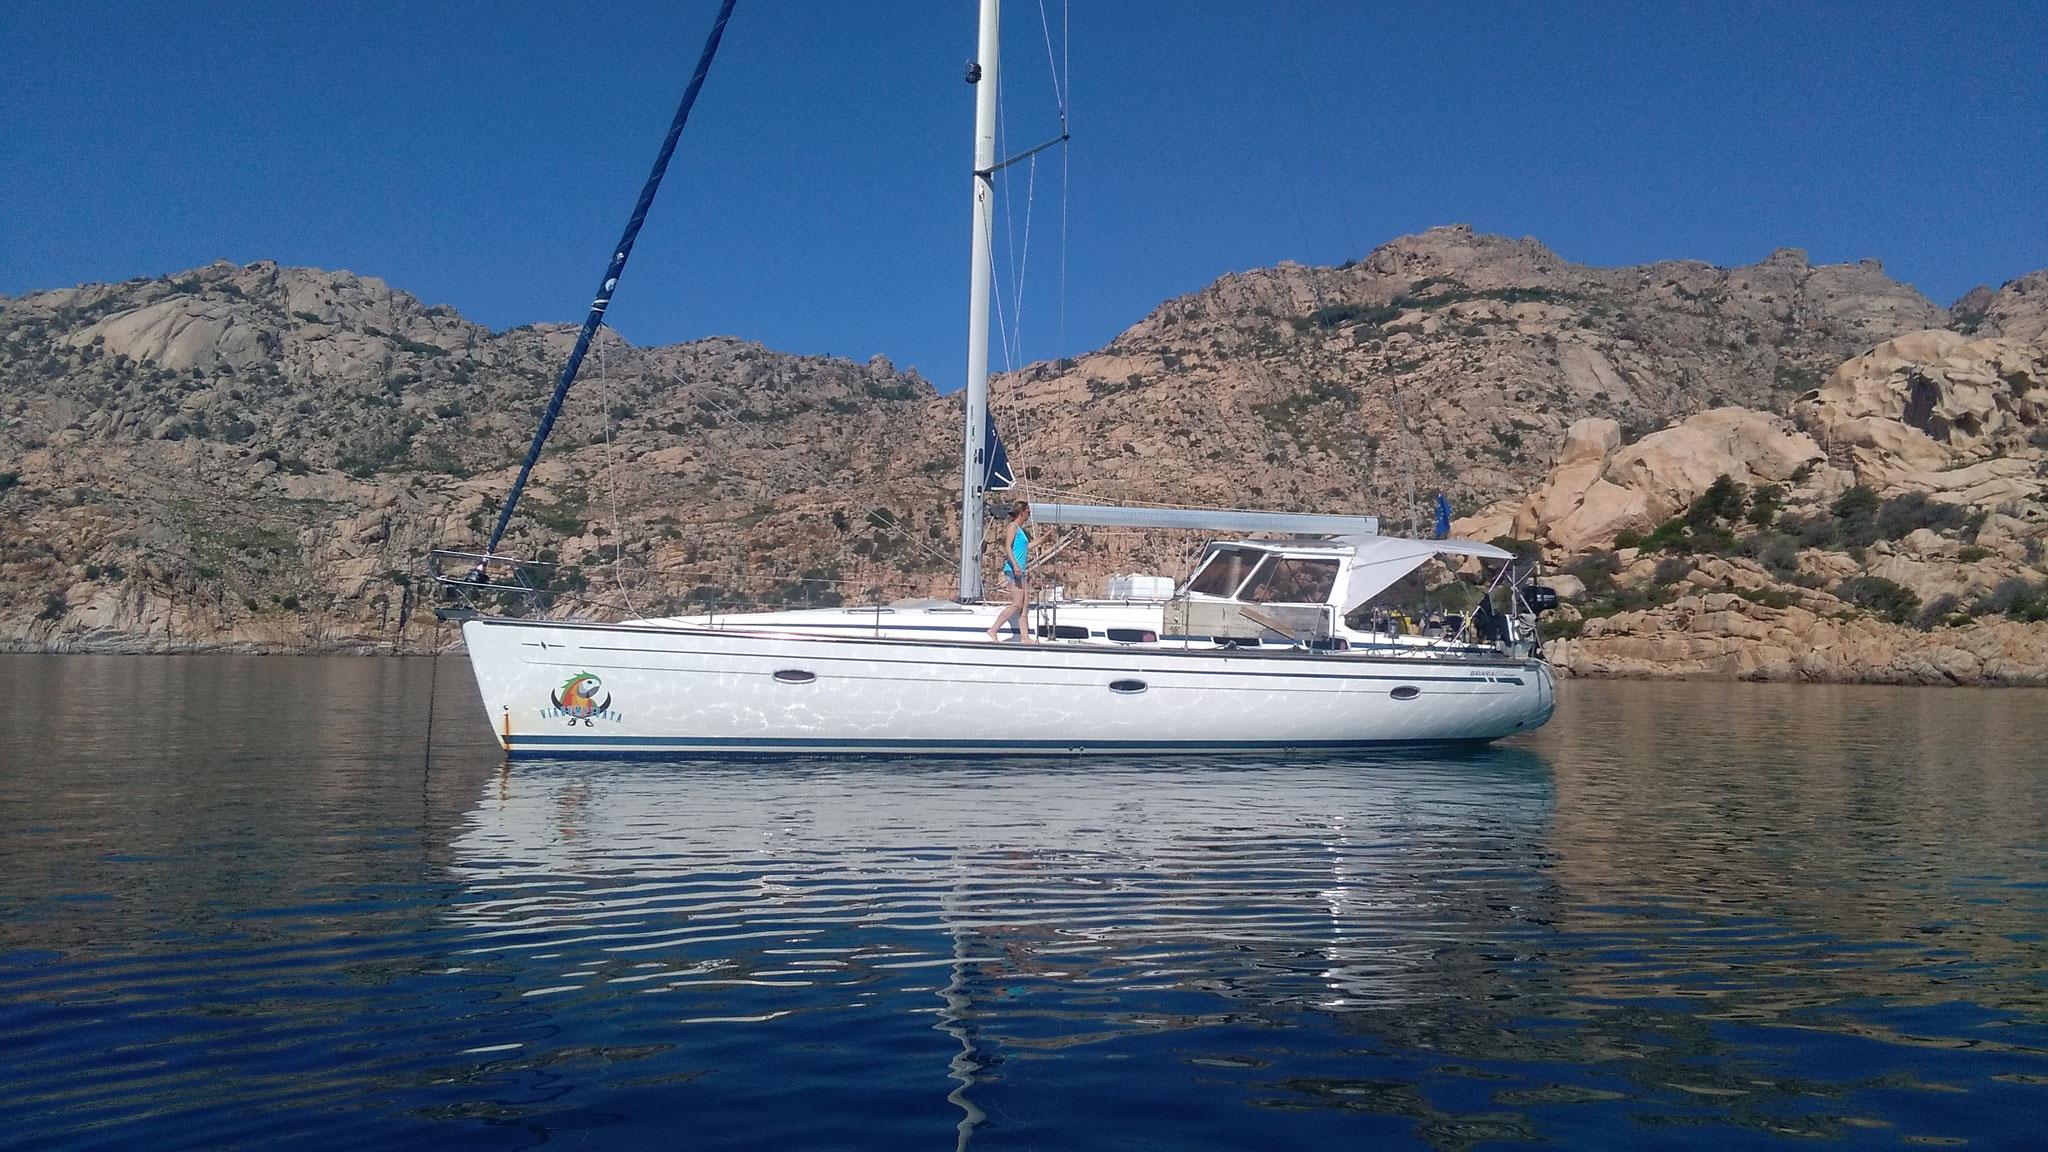 mitsegeln Sardinien und Korsika, die Jojo mit neuem Biminitop